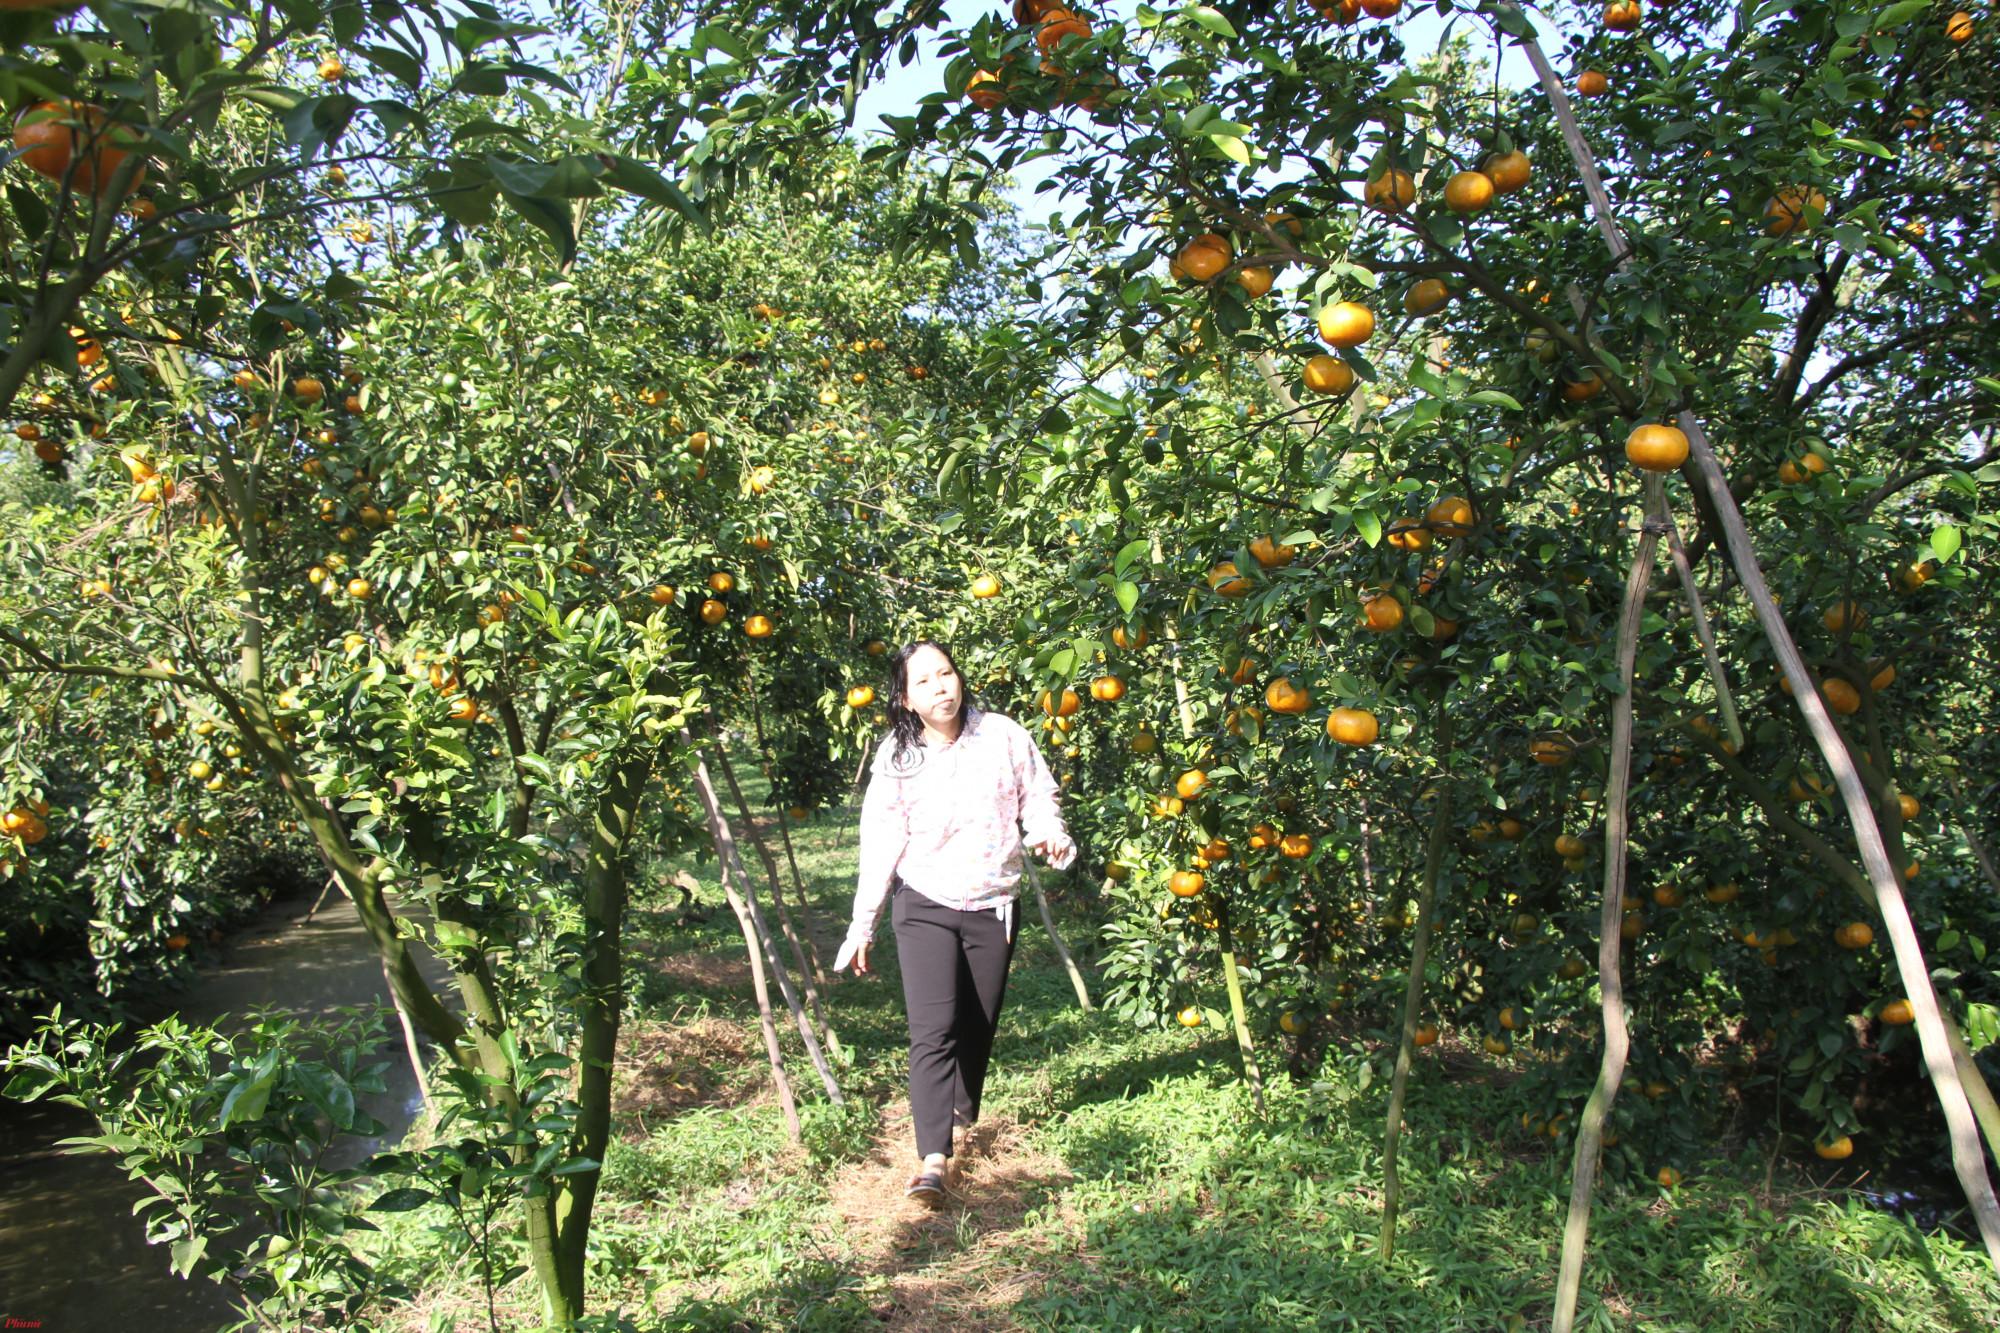 Cận cảnh vườn quýt Hồng thưa trái, trái nhỏ, nhiều trái bị đốm,